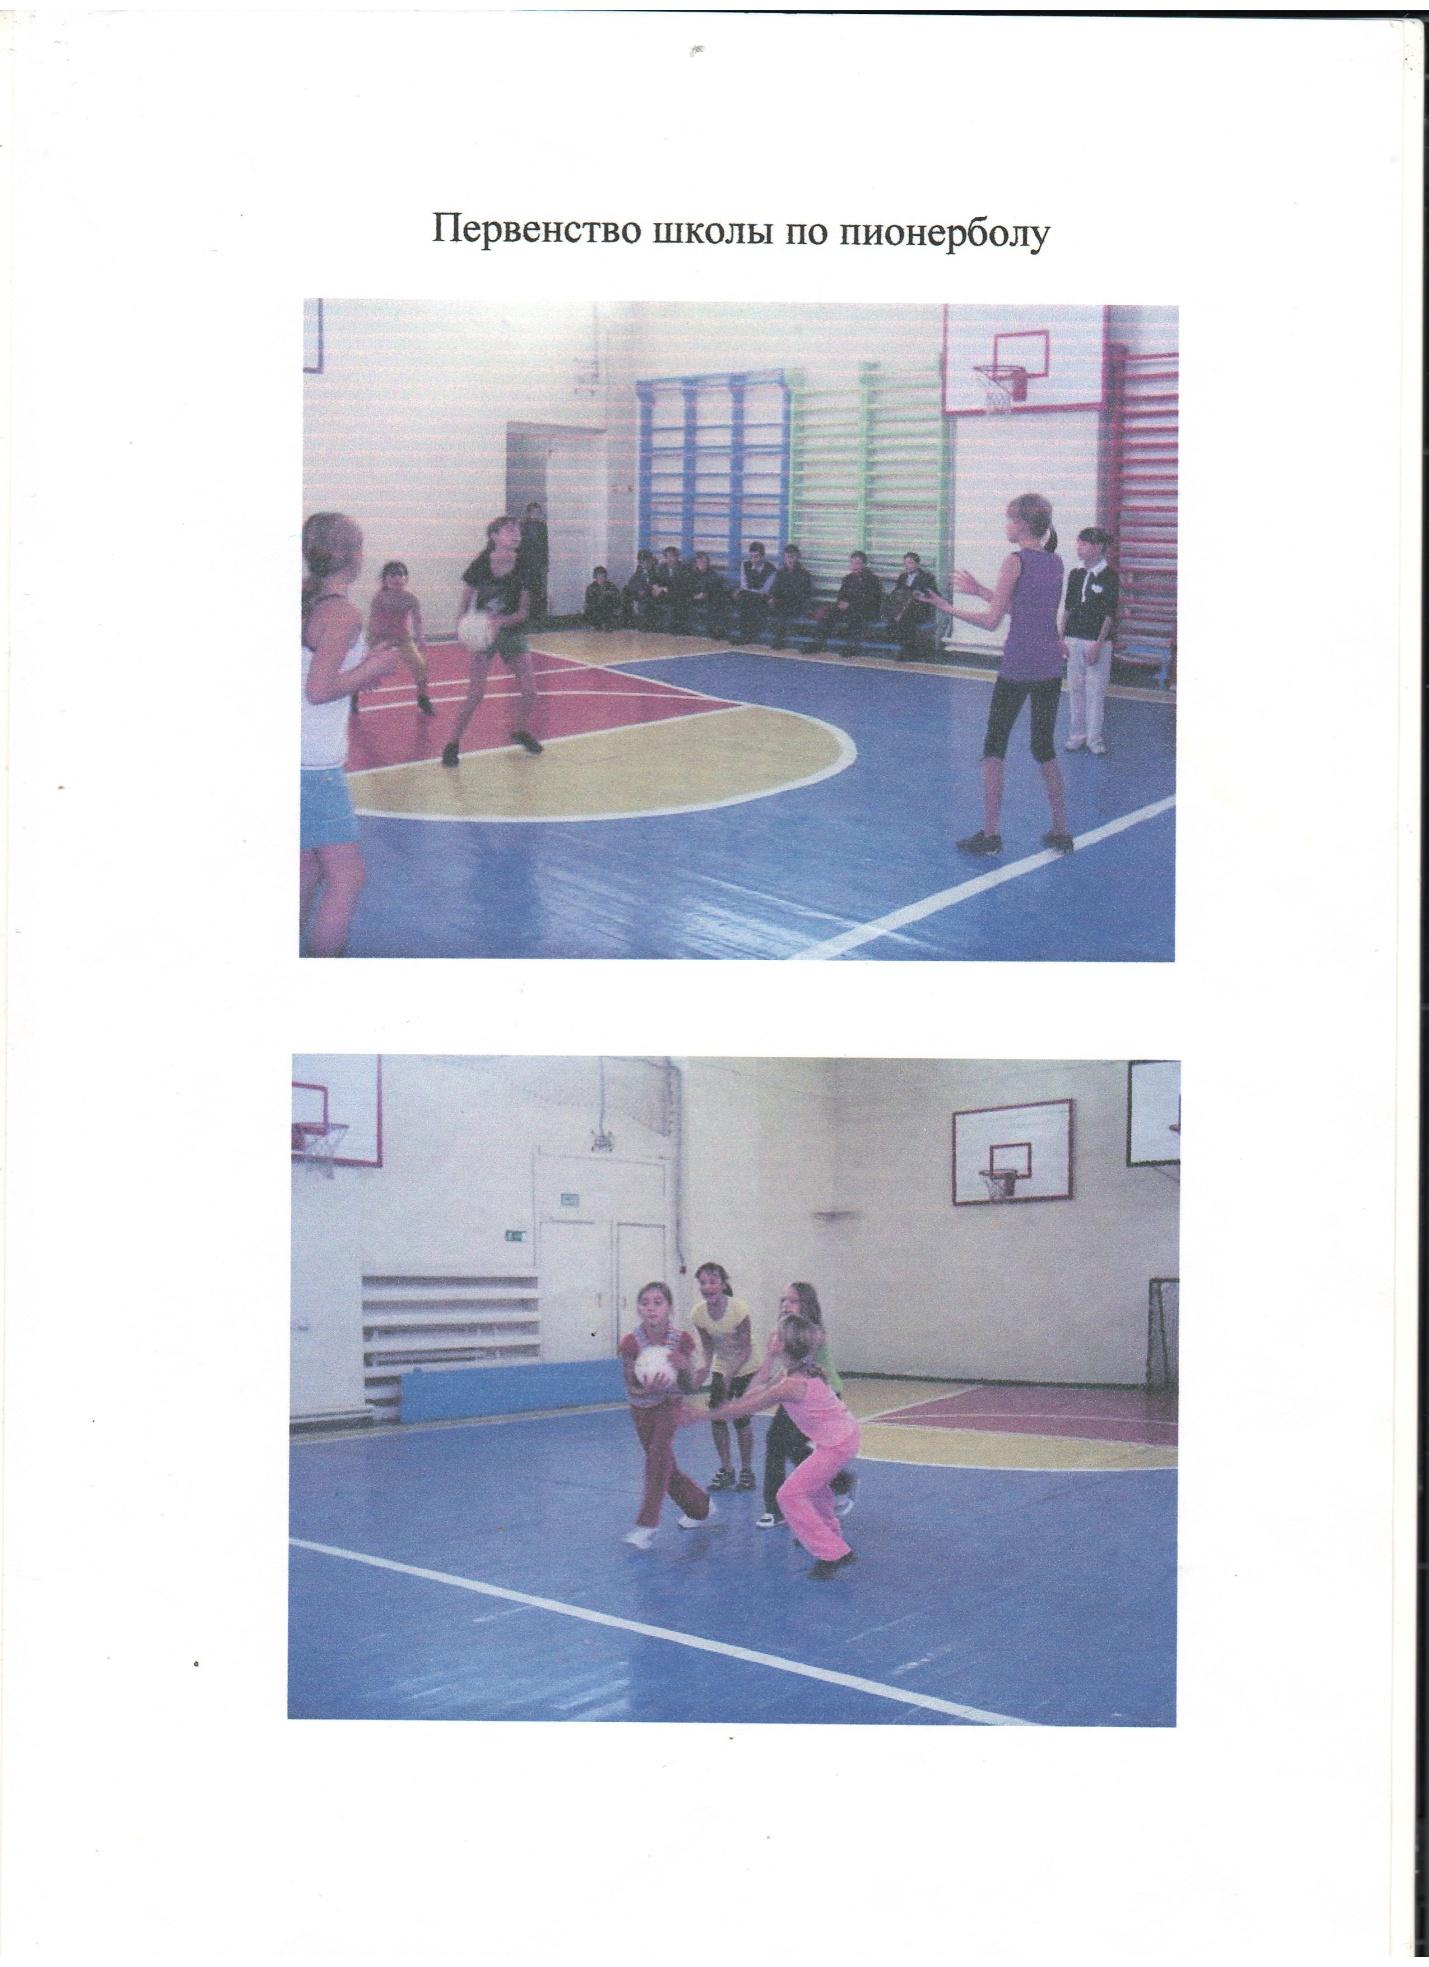 F:\фото и урок по волейболу\scan 10.jpg